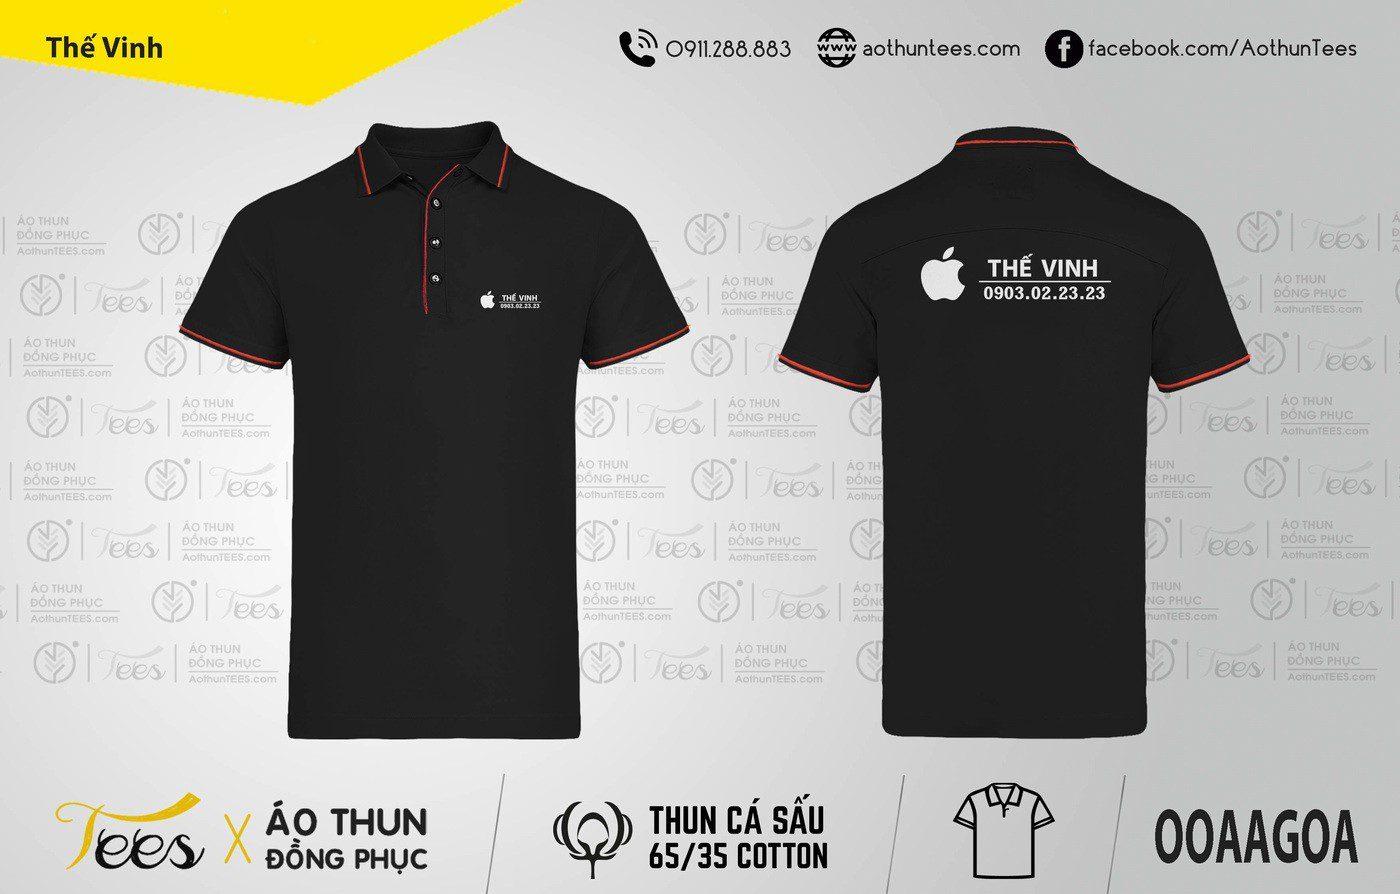 Áo thun đồng phục Cửa hàng Thế Vinh Apple